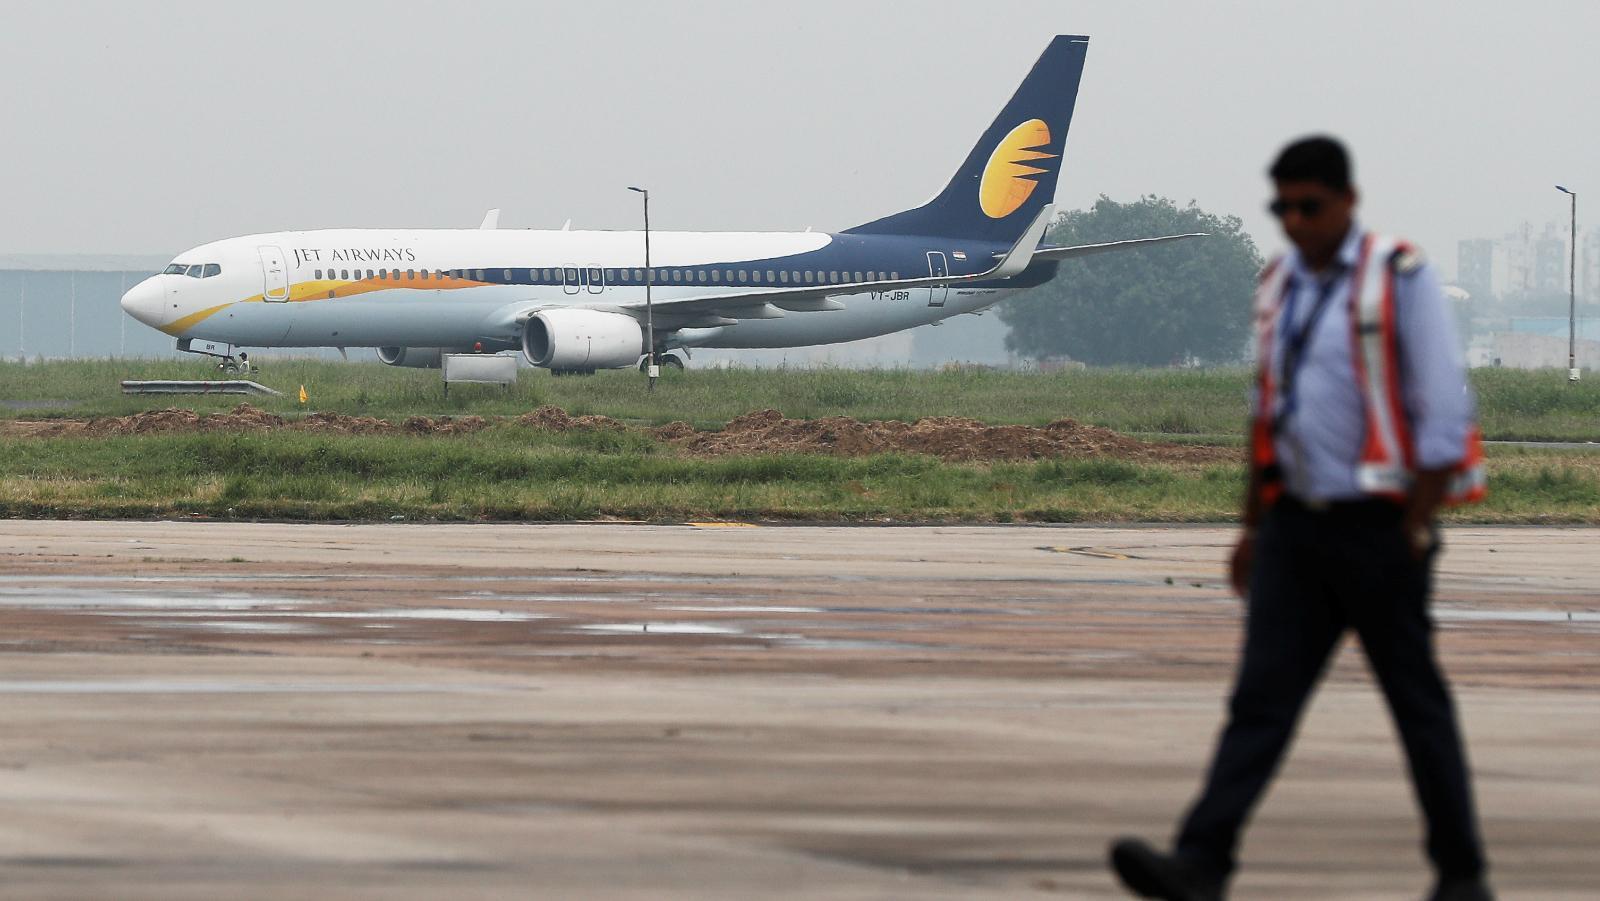 挣扎数月后 印度最古老私人航空公司终出重振对策